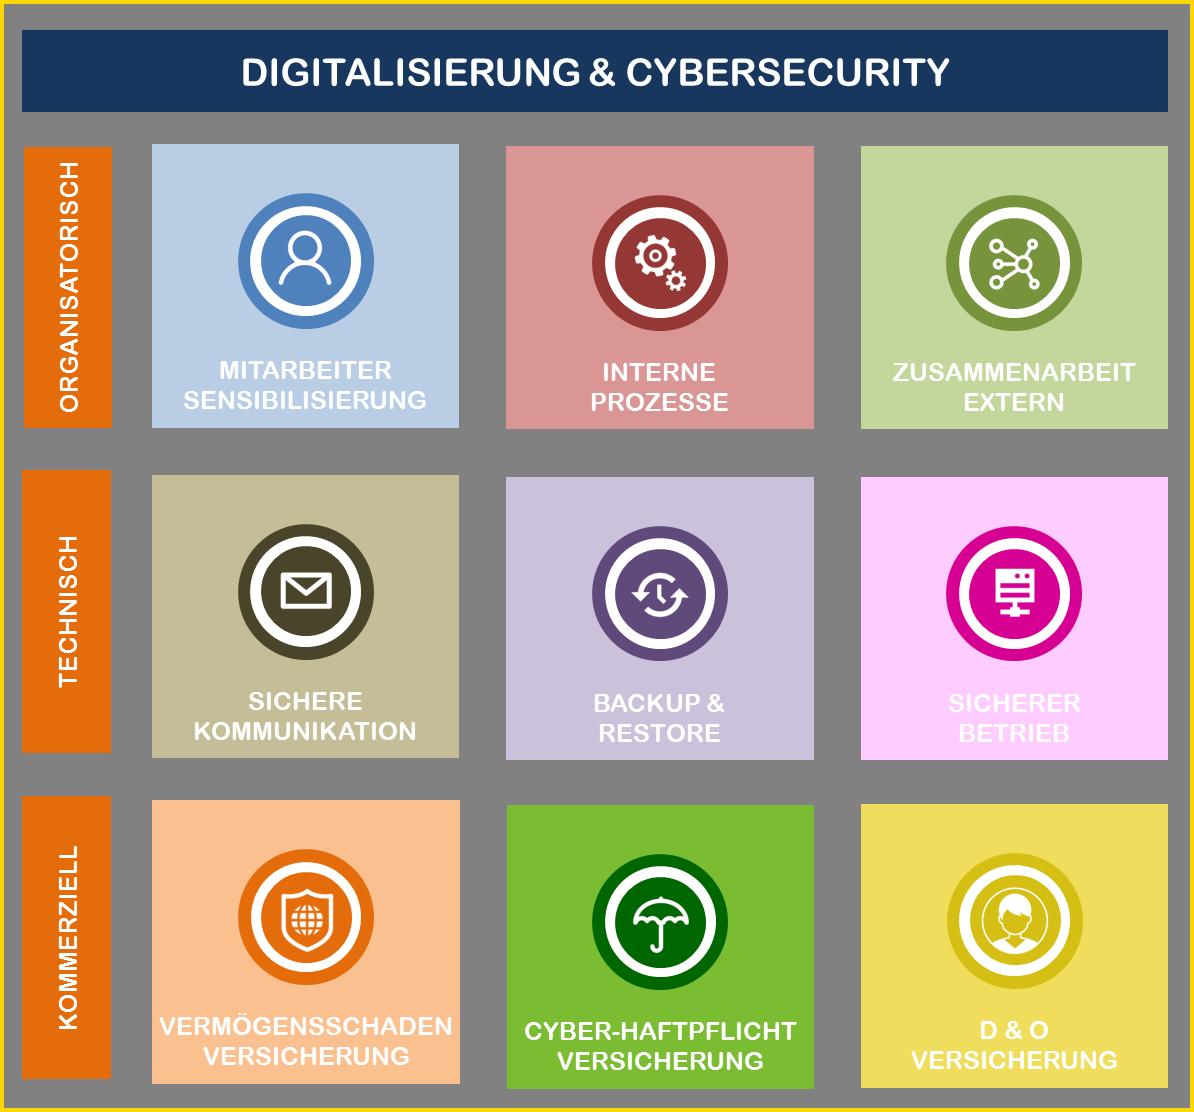 Digitalisierung und Cybersecurity: Maßnahmen in Unternehmen